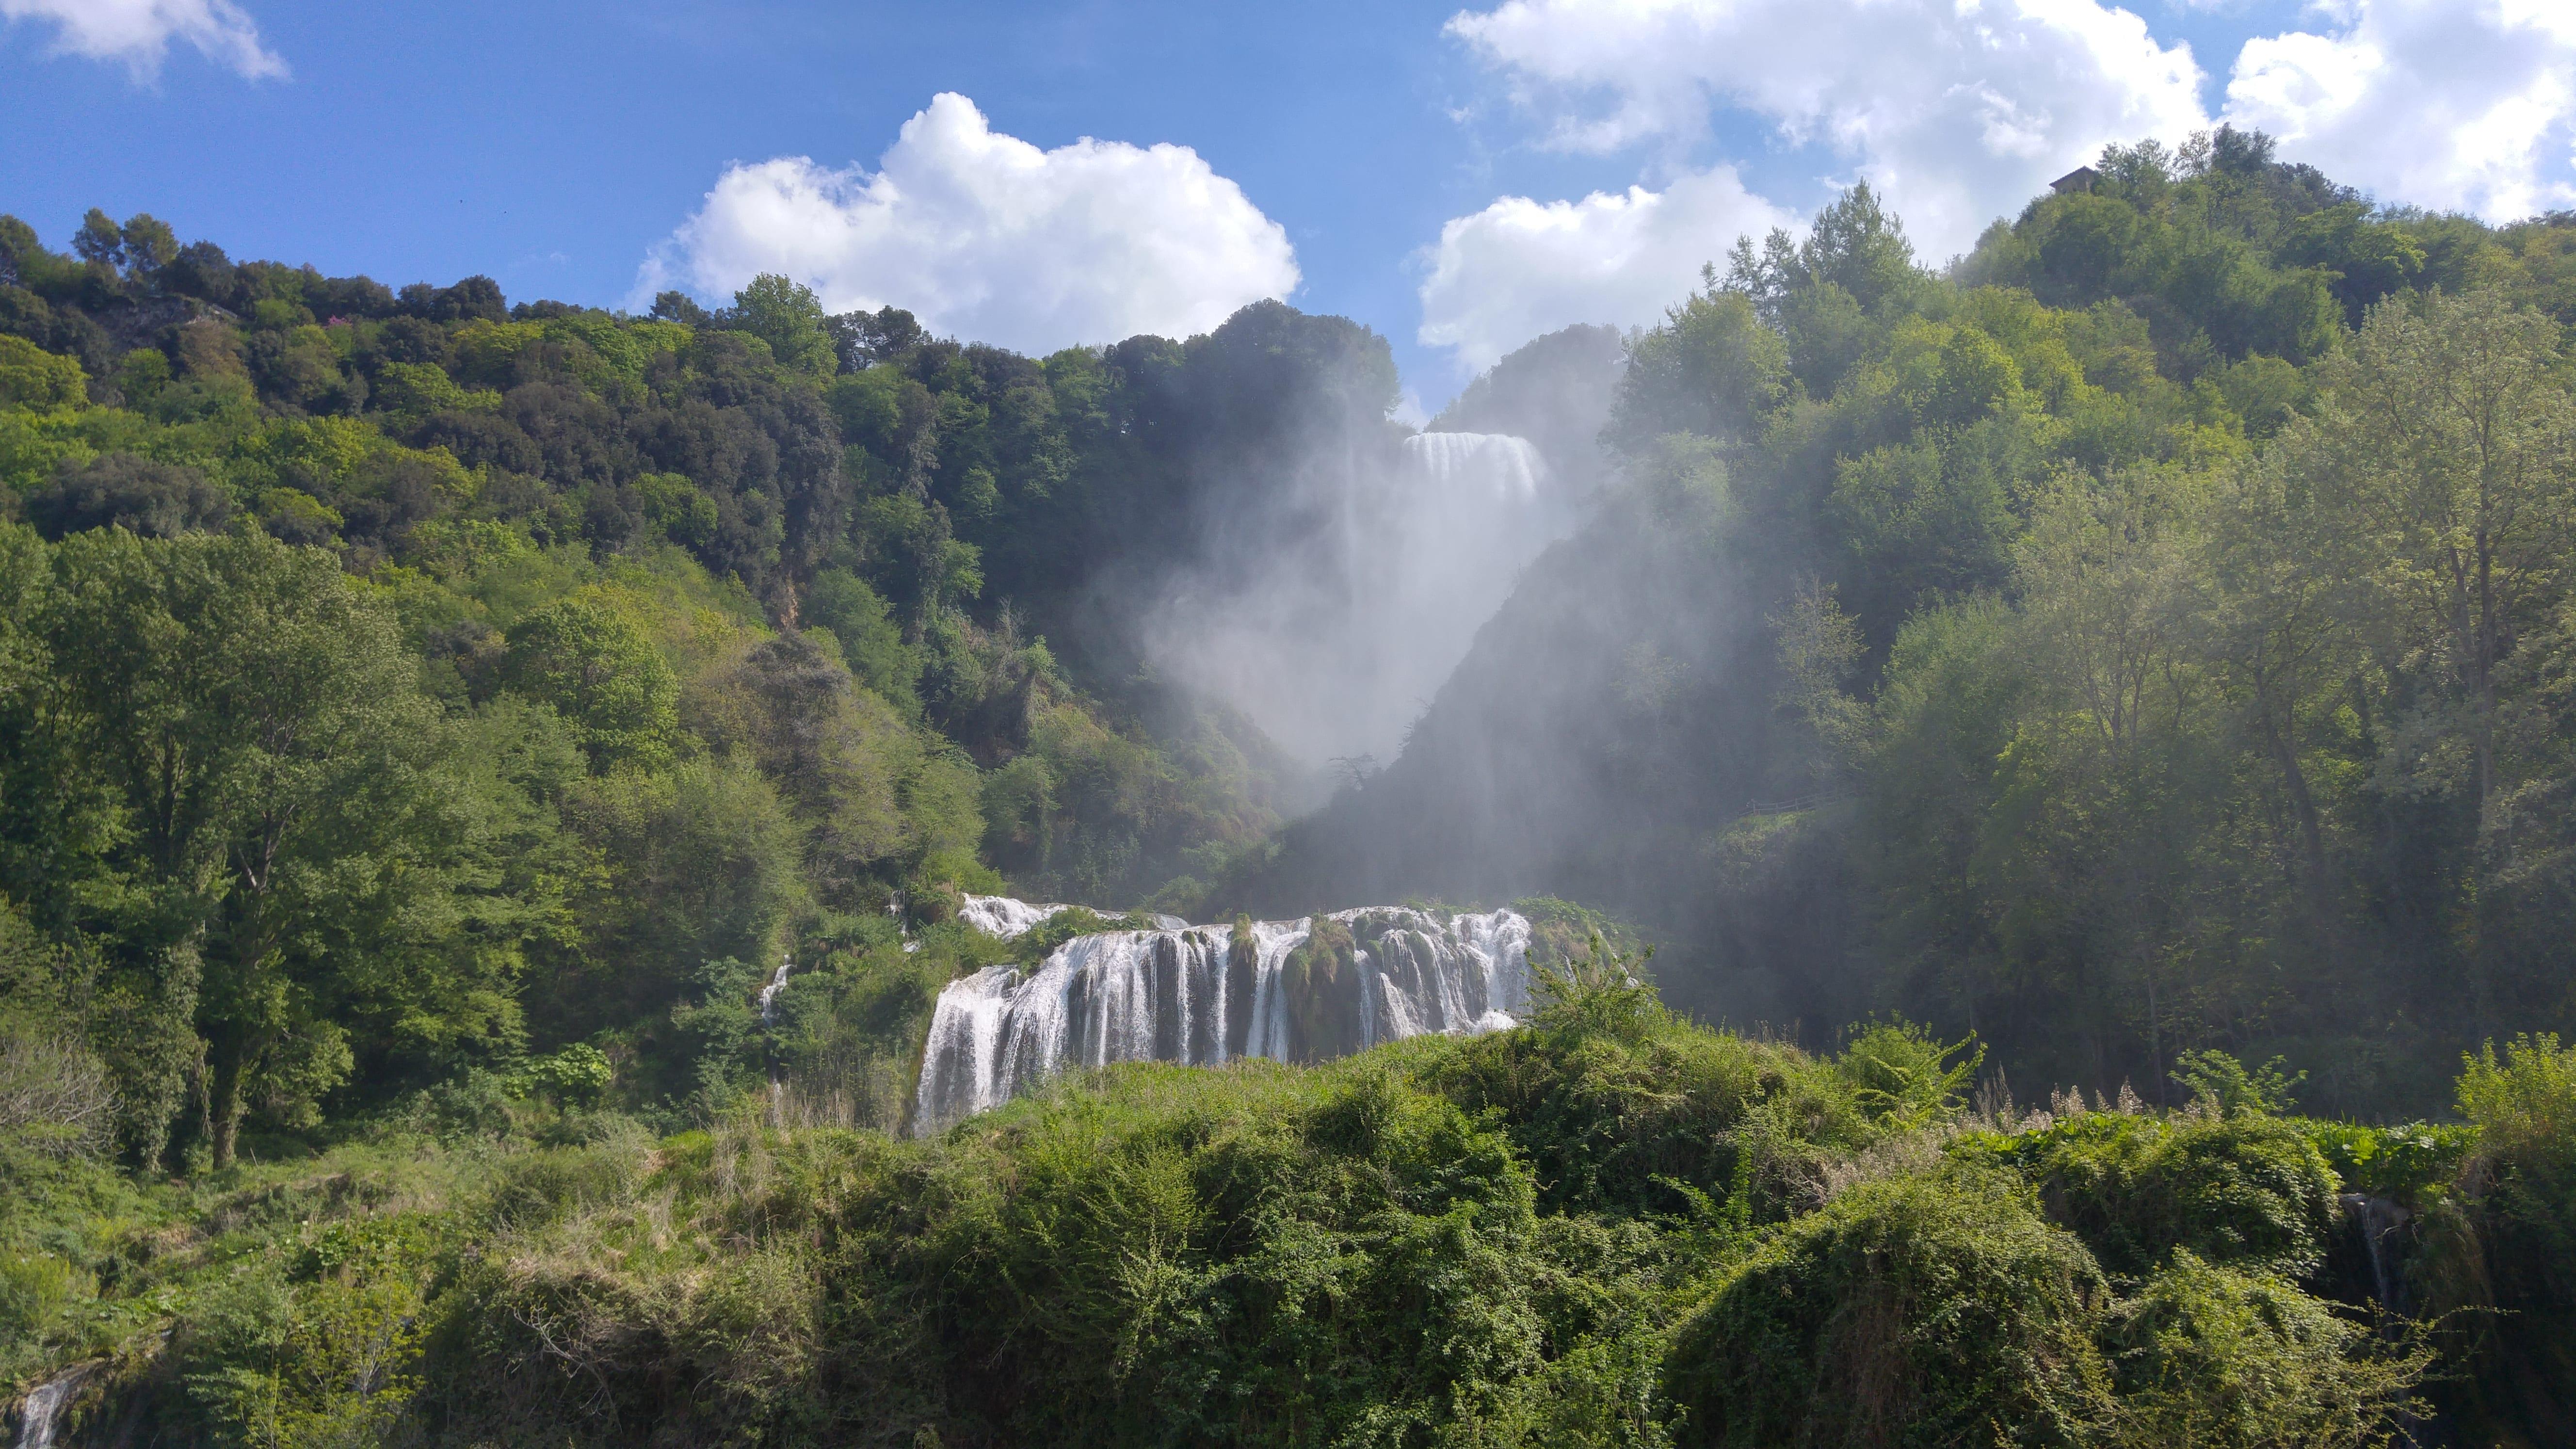 Visitare la cascata delle Marmore: percorso, prezzi e pernottamento